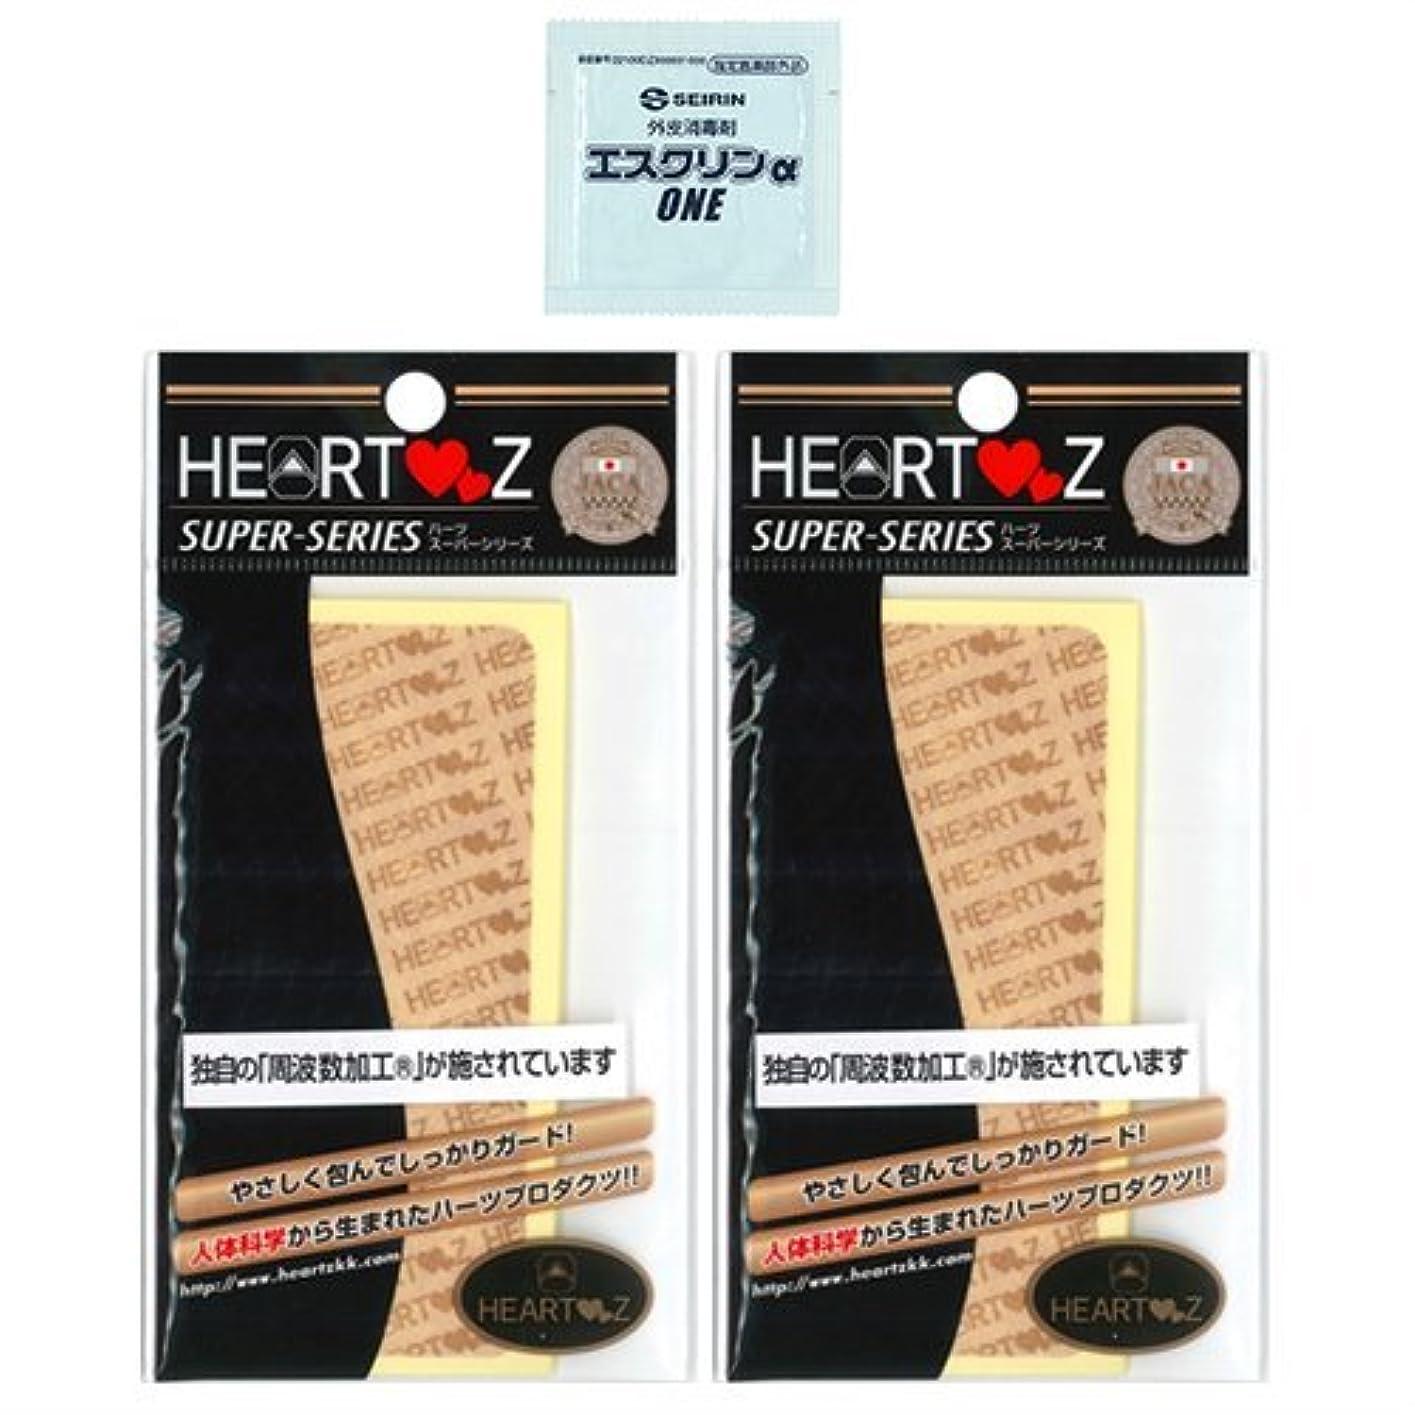 軽量イブニング団結する【HEARTZ(ハーツ)】ハーツスーパーシール ベタ貼りタイプ 8枚入×2個セット (計16枚) + エスクリンαONEx1個 セット